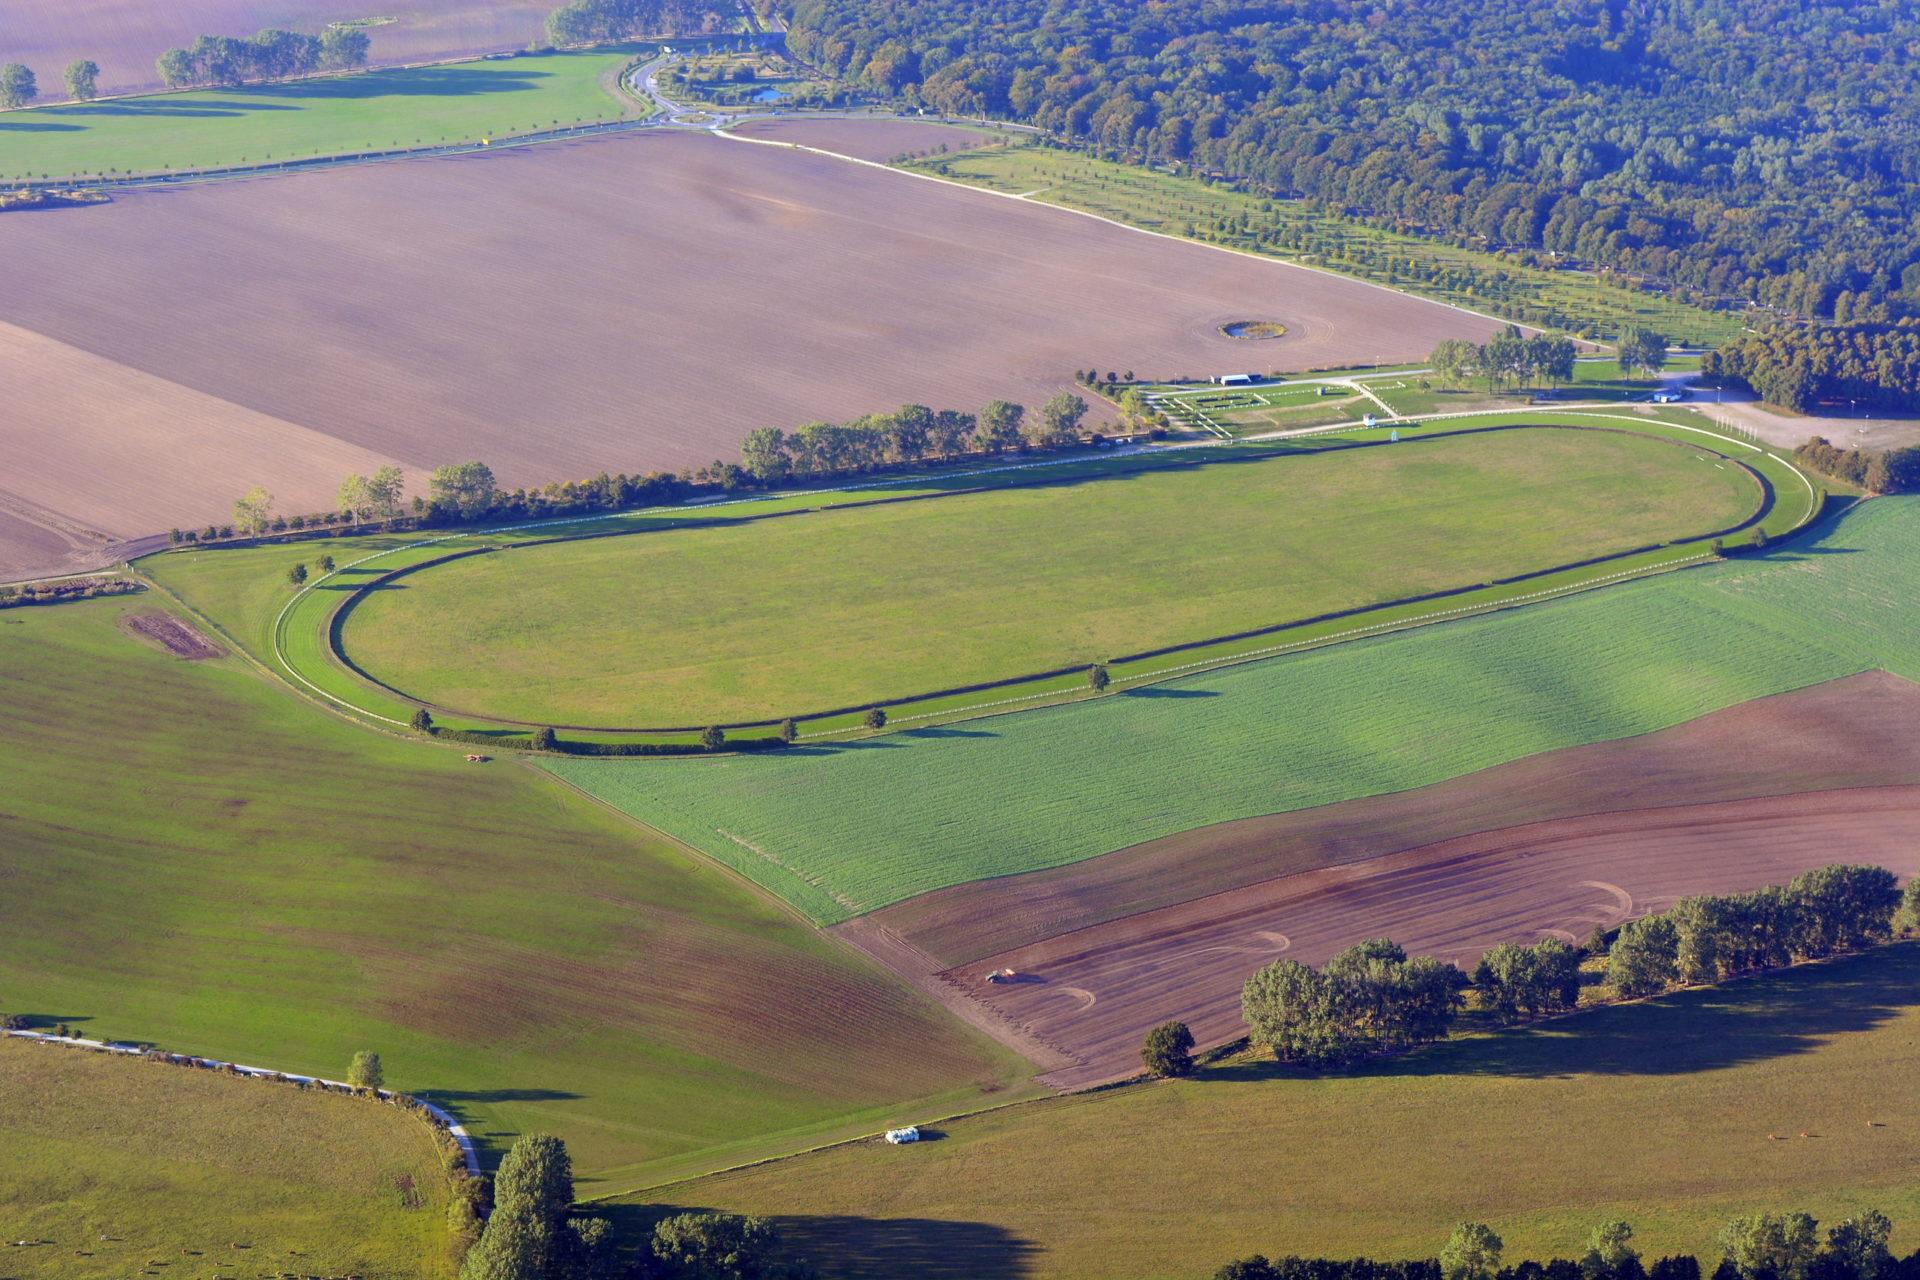 Pferderennbahn Bad Doberan-Heiligendamm Luftbild